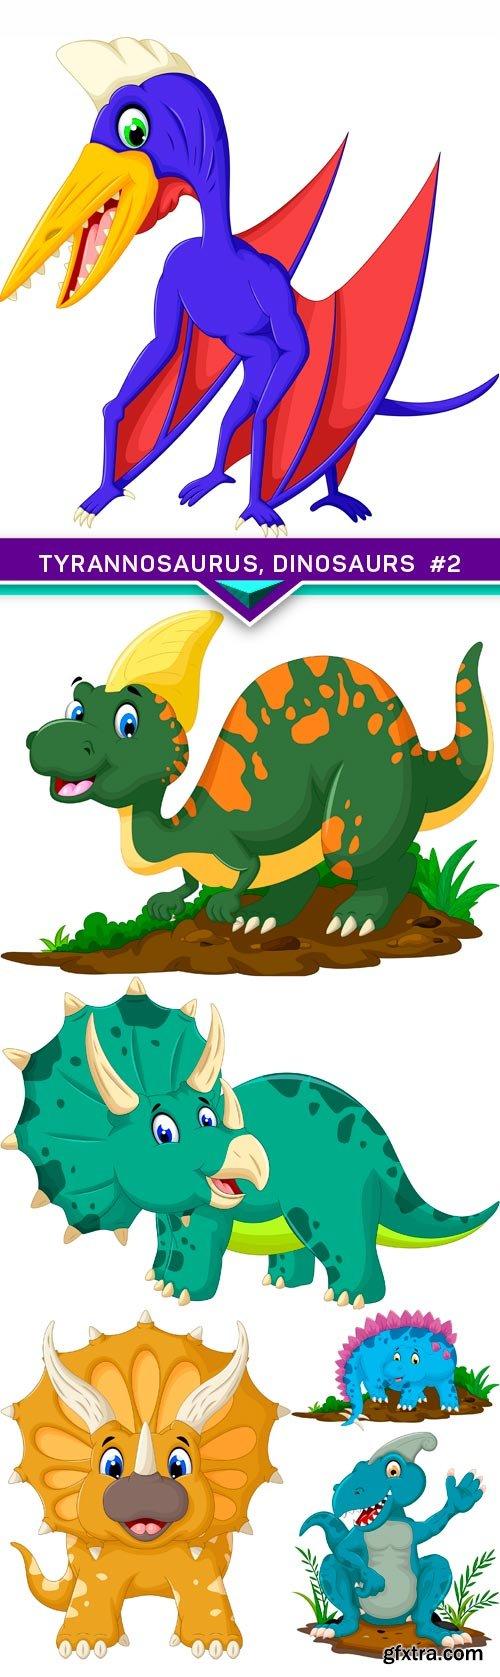 Tyrannosaurus, dinosaurs #2 6X JPEG